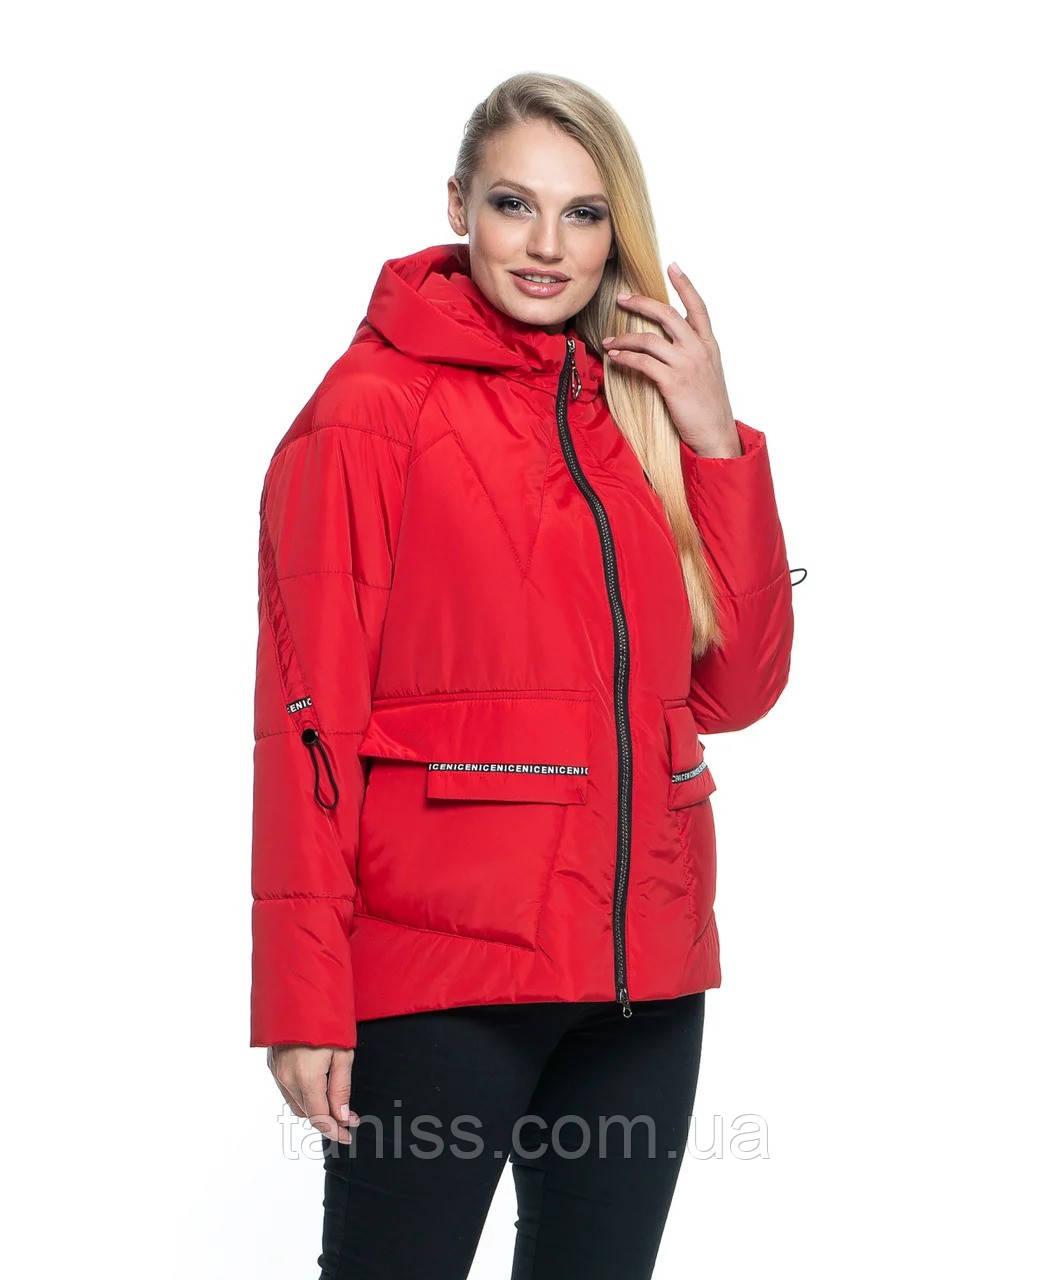 Женская,короткая, демисезонная куртка большого размера, капюшон съемный, р-ры с 44 по 56, красный(103)